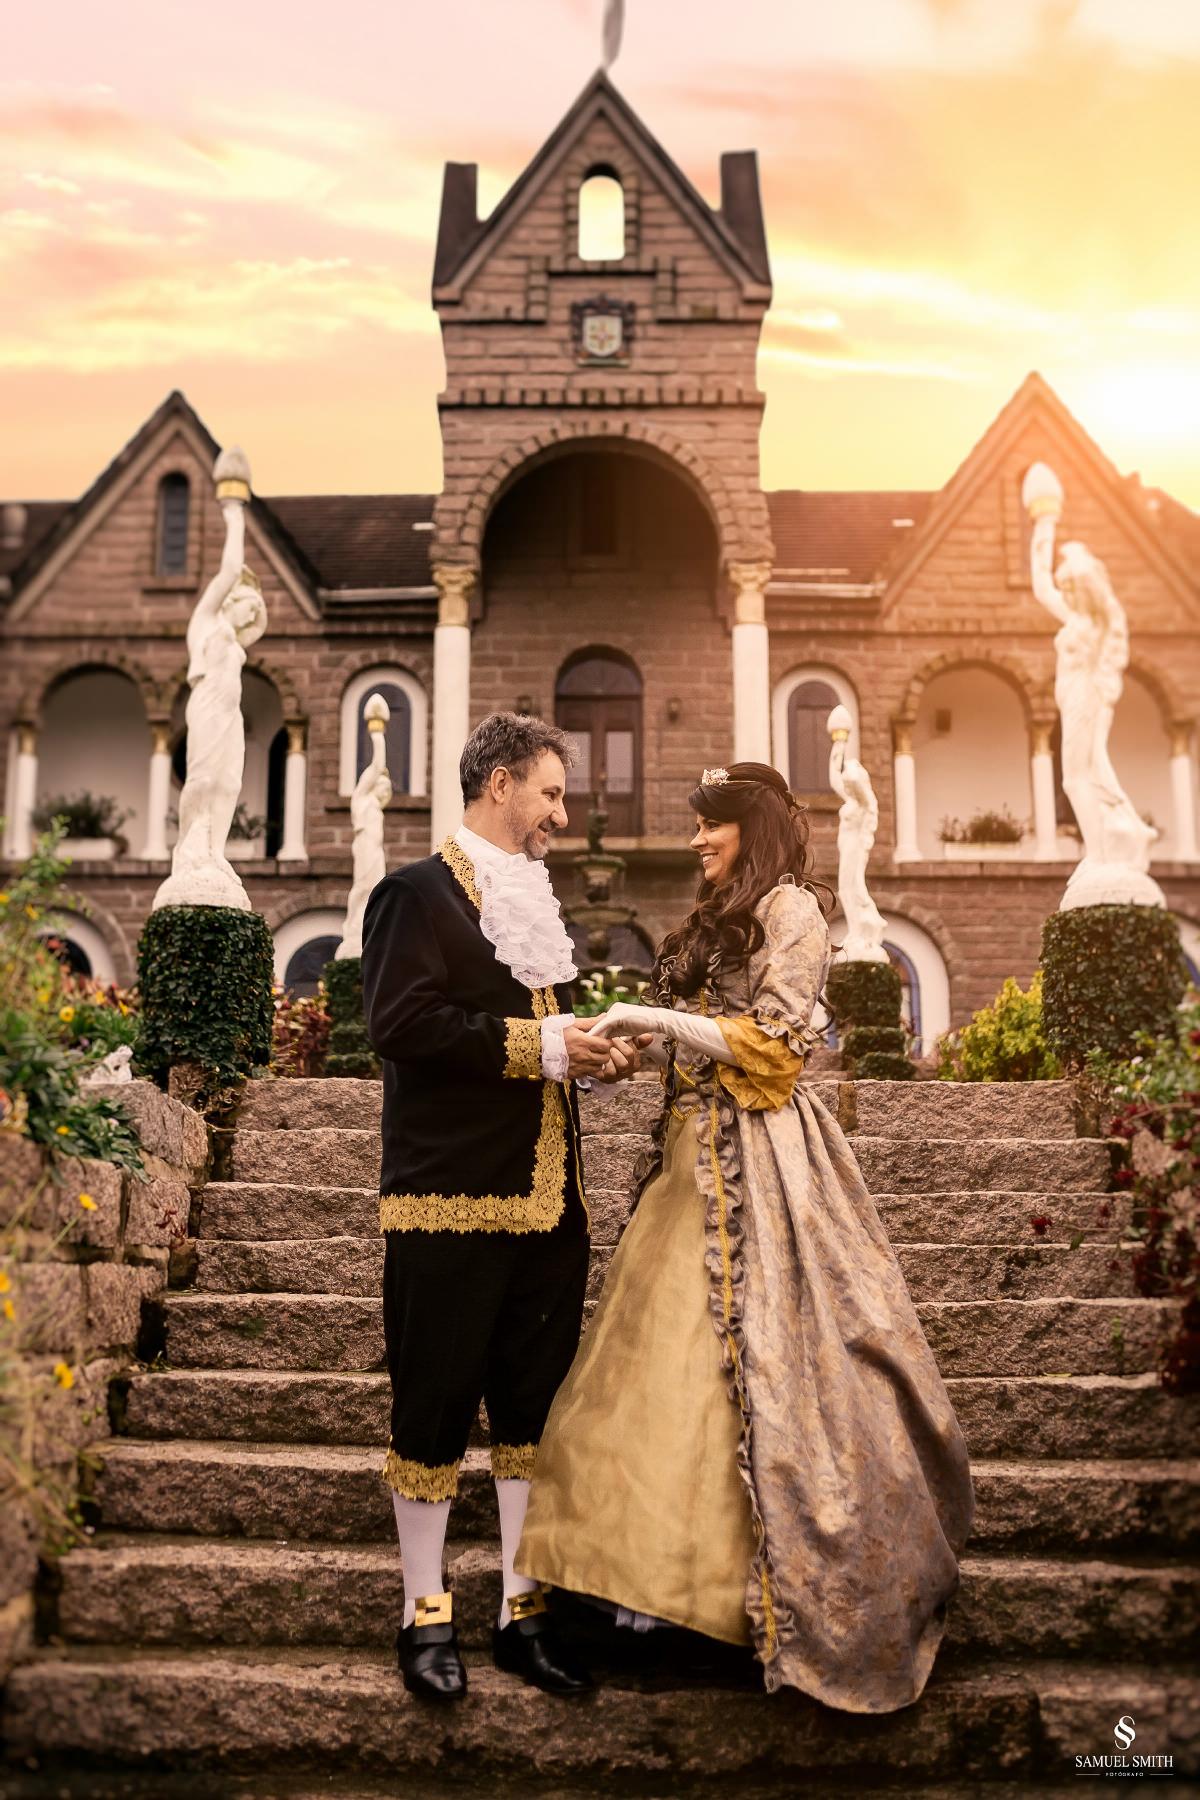 book familia fotos casal ensaio fotográfico castelo belvedere fantasia tema veneza baile (19)